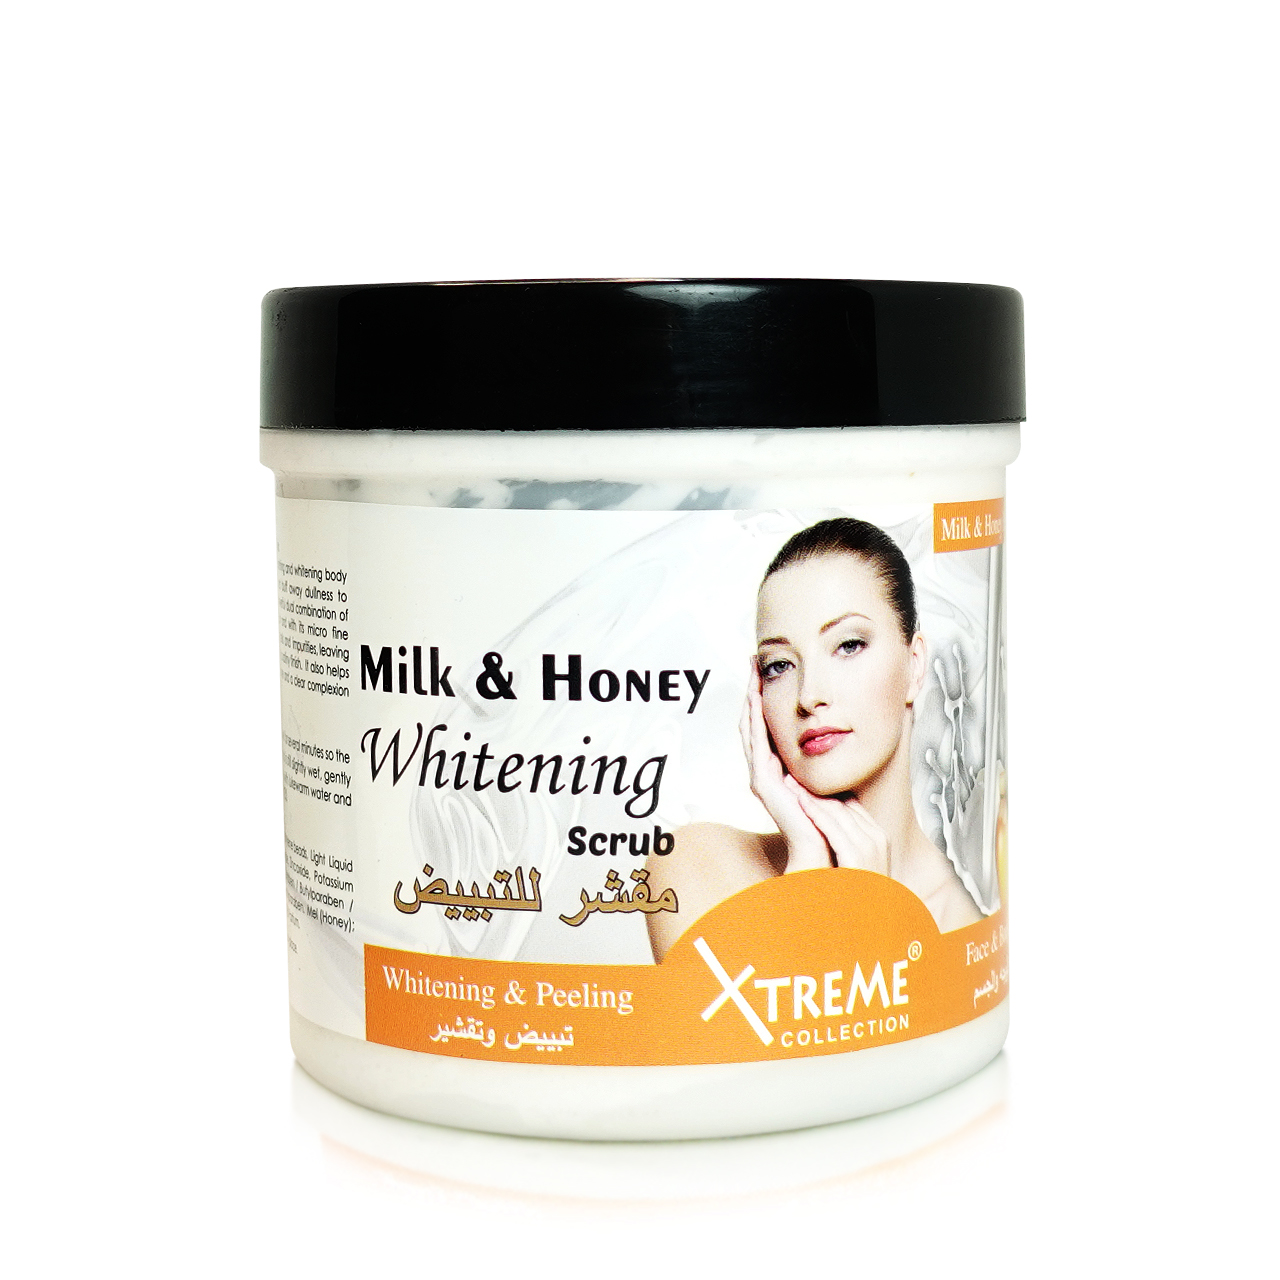 XTREME FACE & BODY WHITENING SCRUB 500ML-MILK & HONEY ...